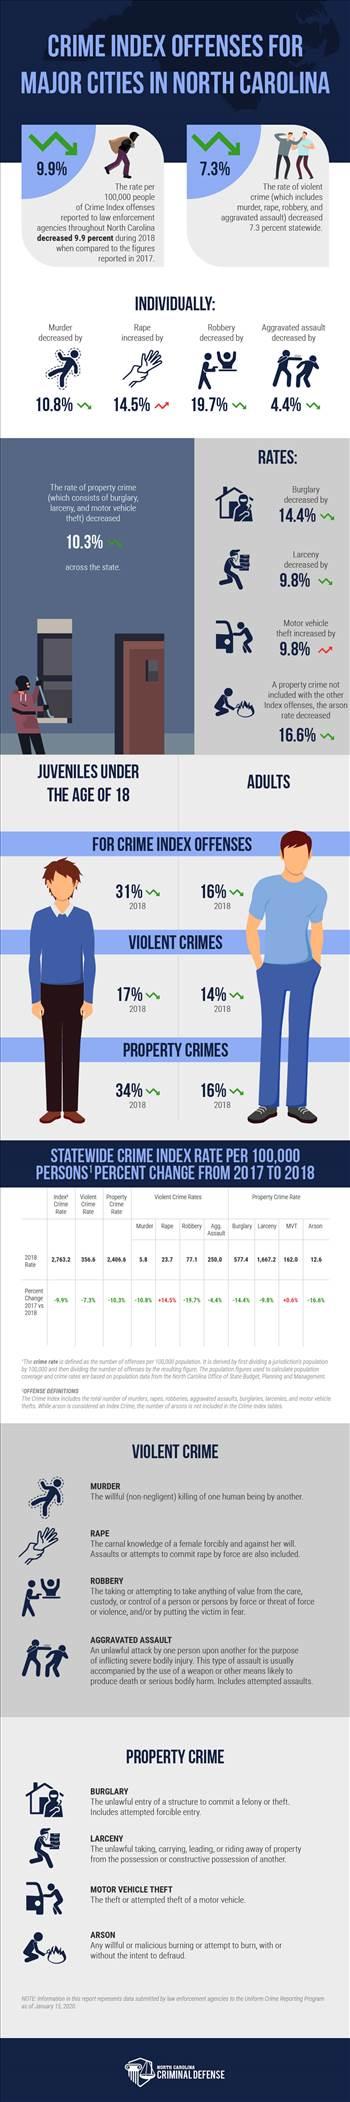 Infographic-Crime-Statistics-North-Carolina-Criminal-Defense-Charlotte.jpg by DMCriminalDefense